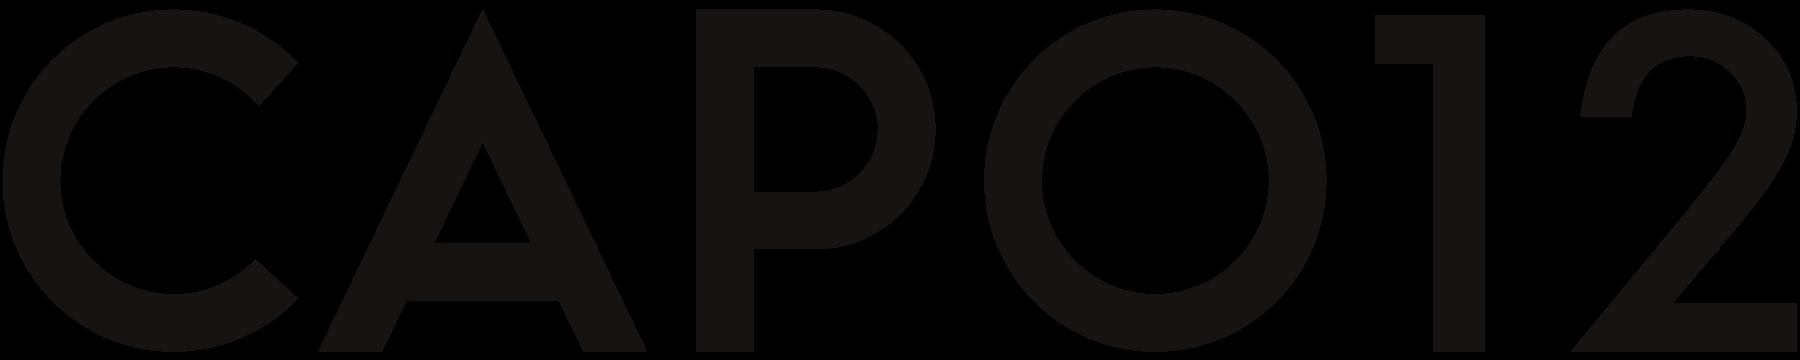 logo CAPO12